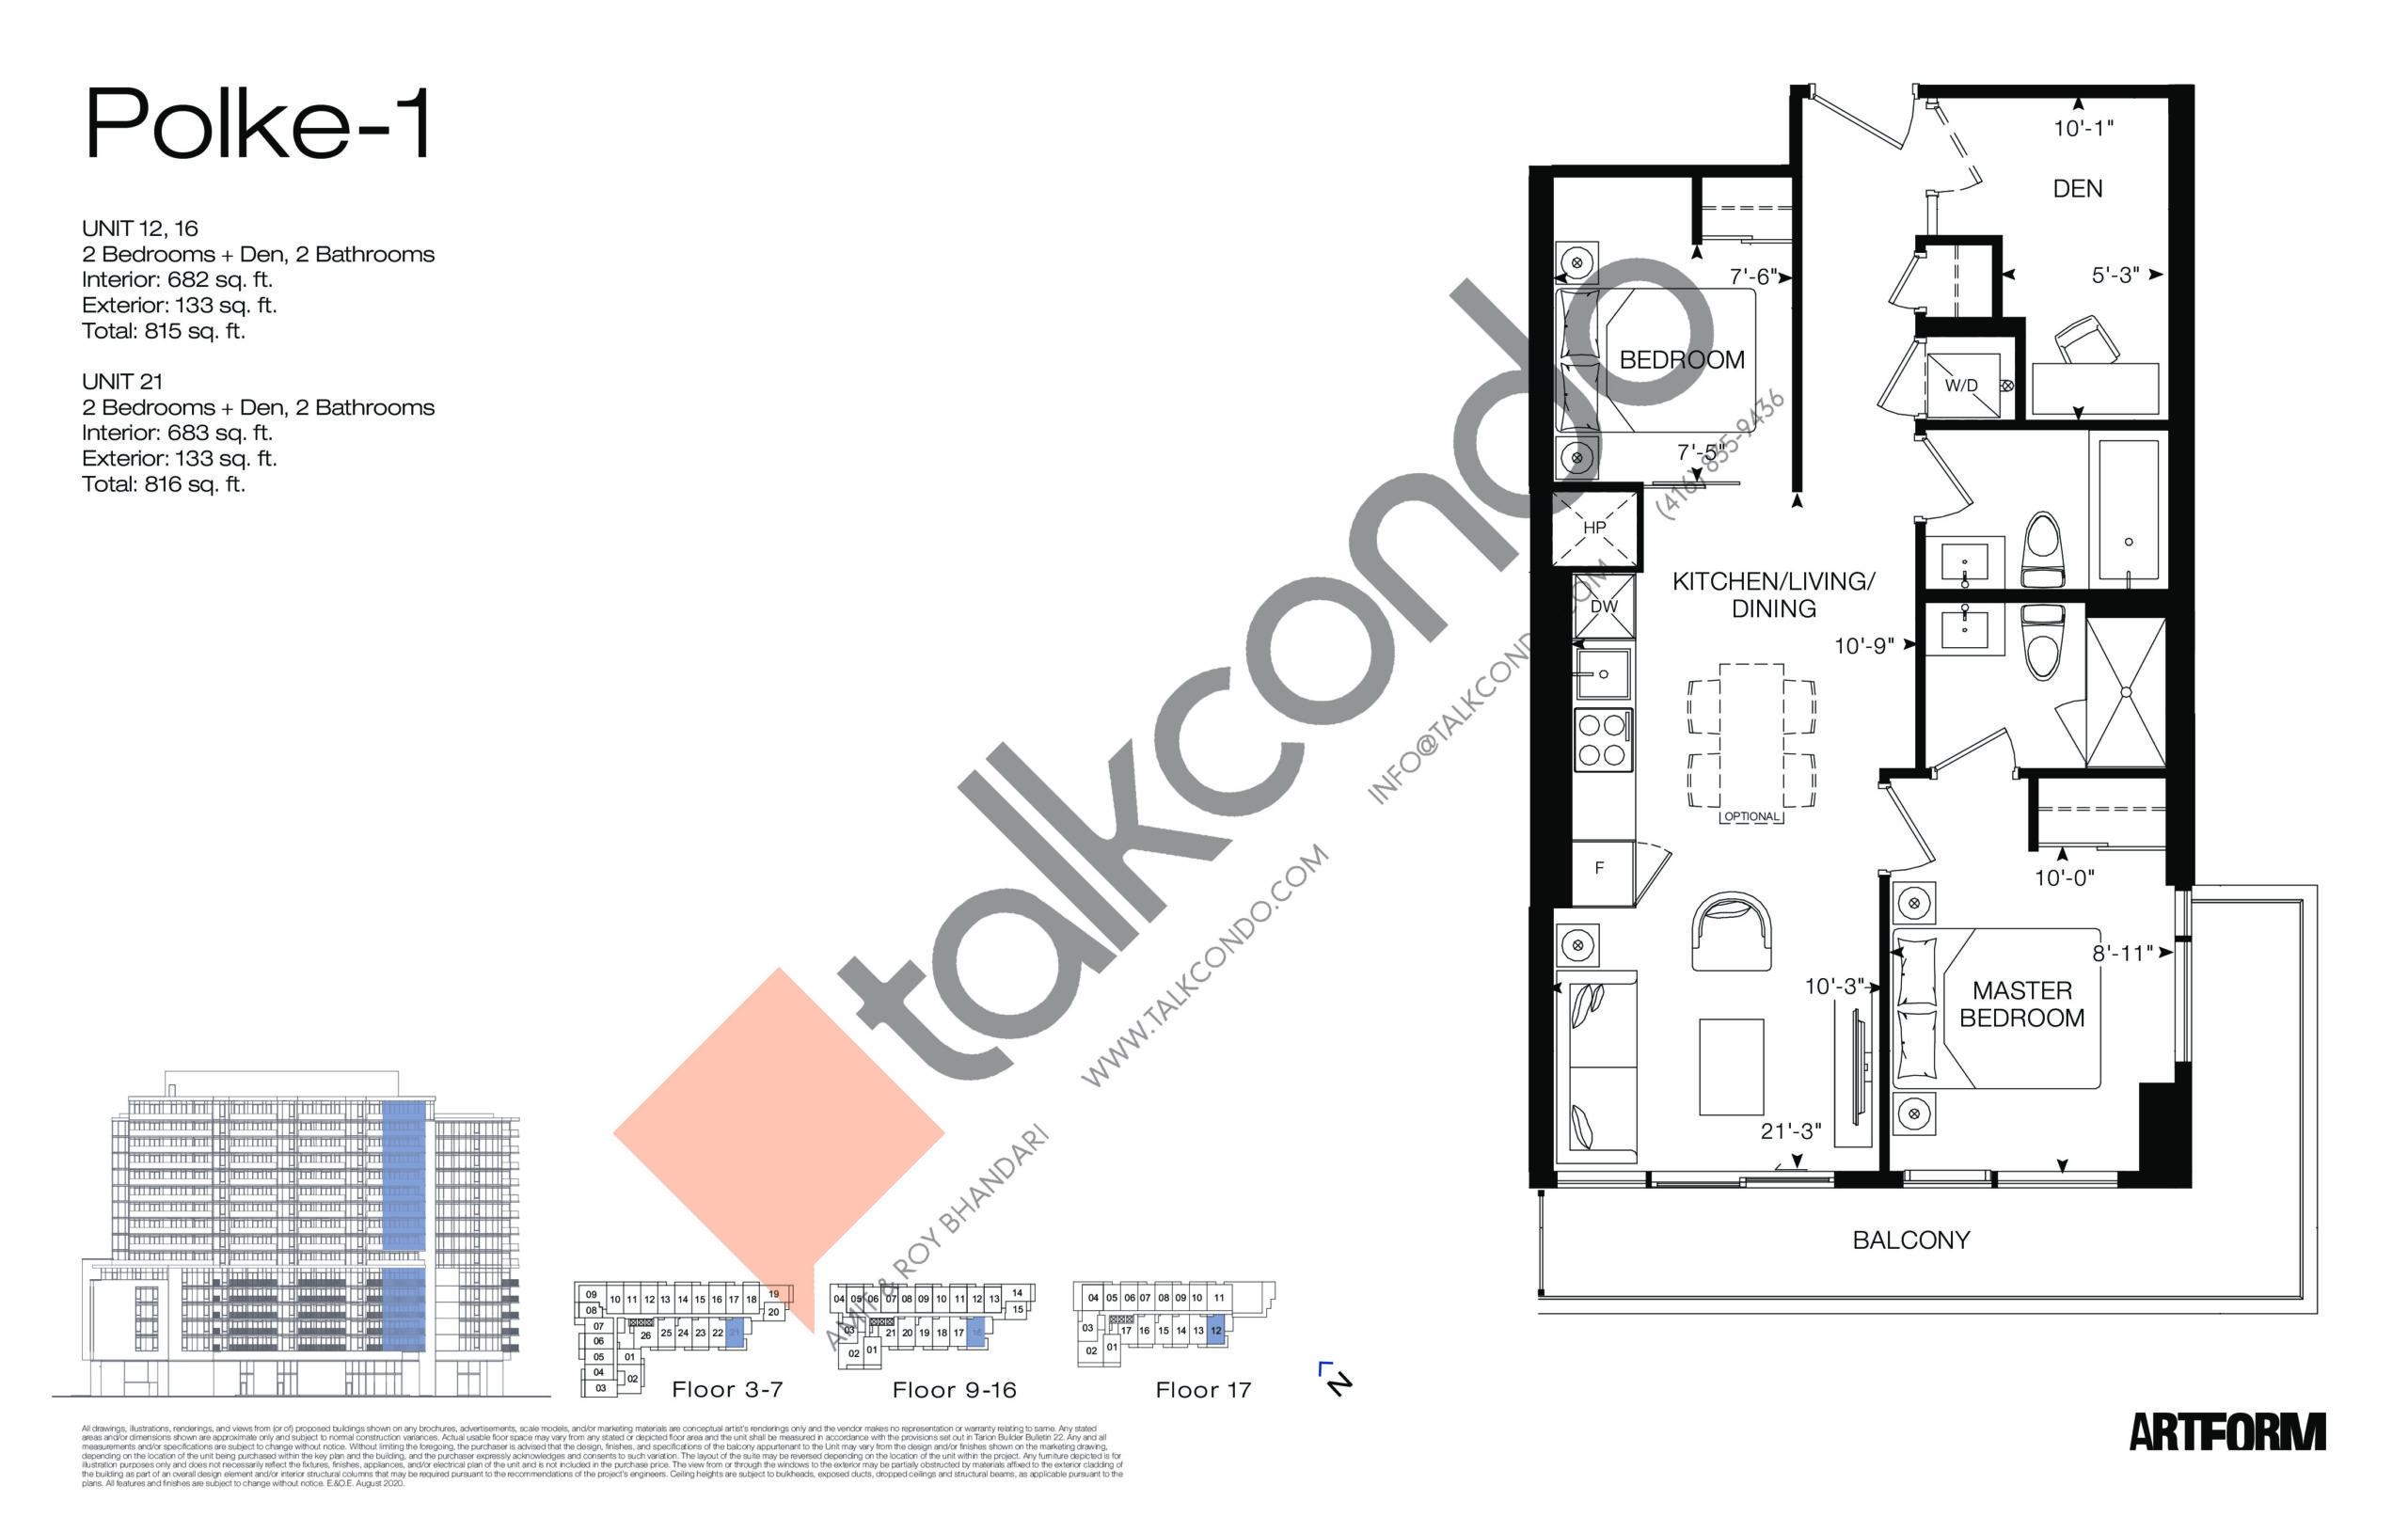 Polke-1 Floor Plan at Artform Condos - 683 sq.ft